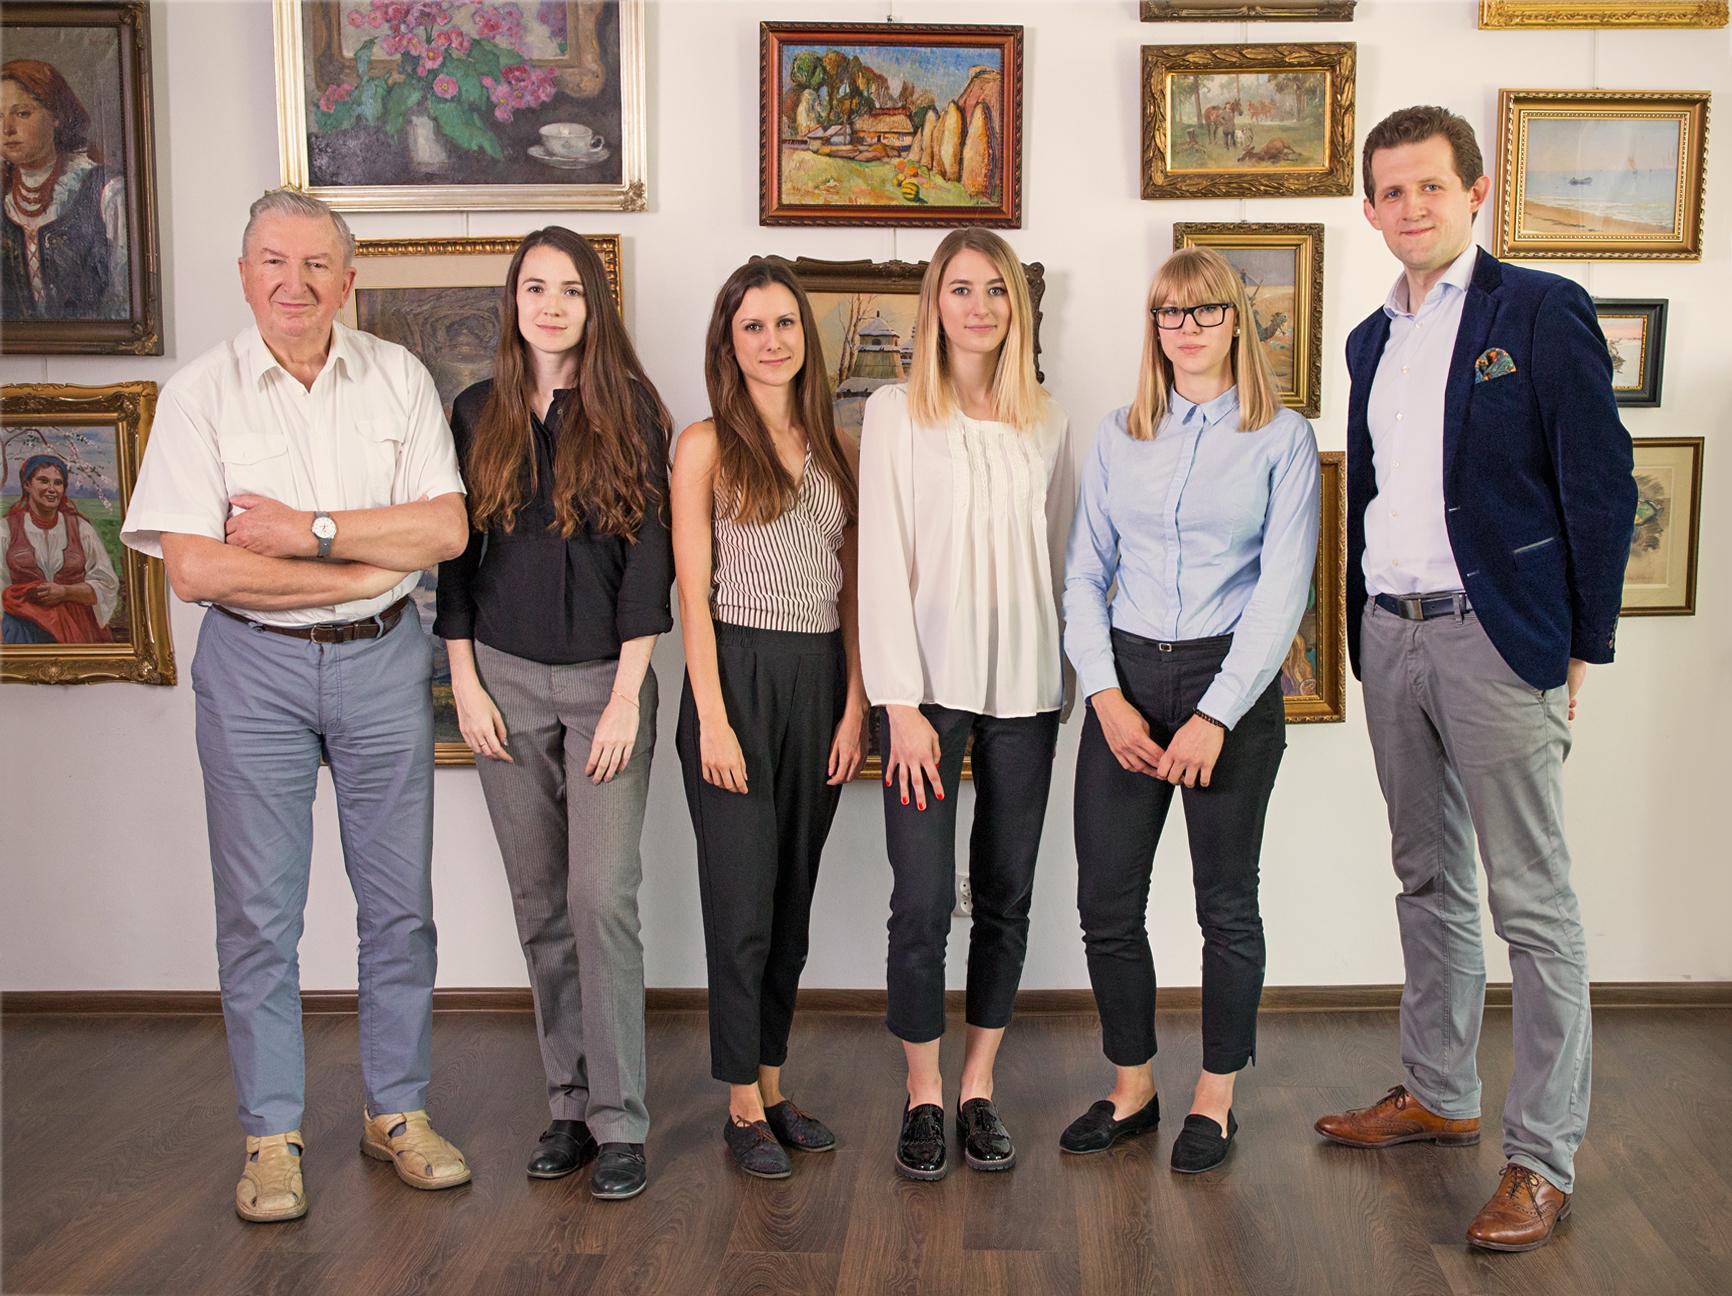 Zespół Salonu Connaisseur (od lewej): Konstanty Węgrzyn, Karolina Bańkowska, Magdalena Tracz, Karolina Jamróz, Natalia Musialik, Maciej Jakubowski.